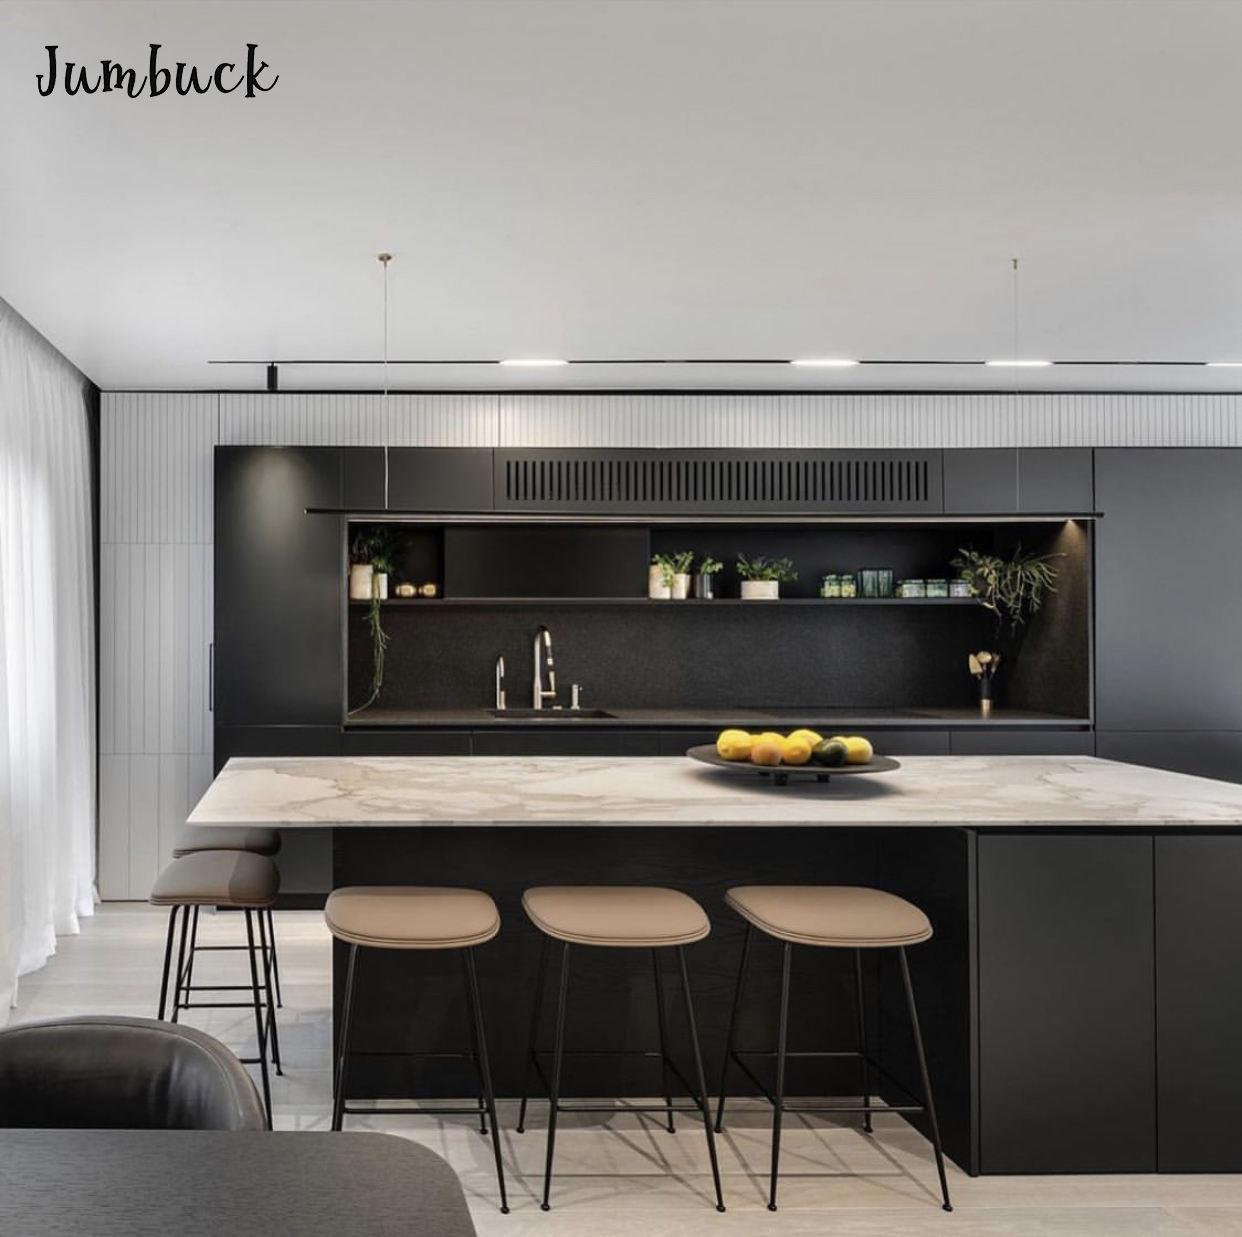 さまざまなモダンなキッチンデザイン有名な杭州ホーム renivation 会社キッチン家具デザイン